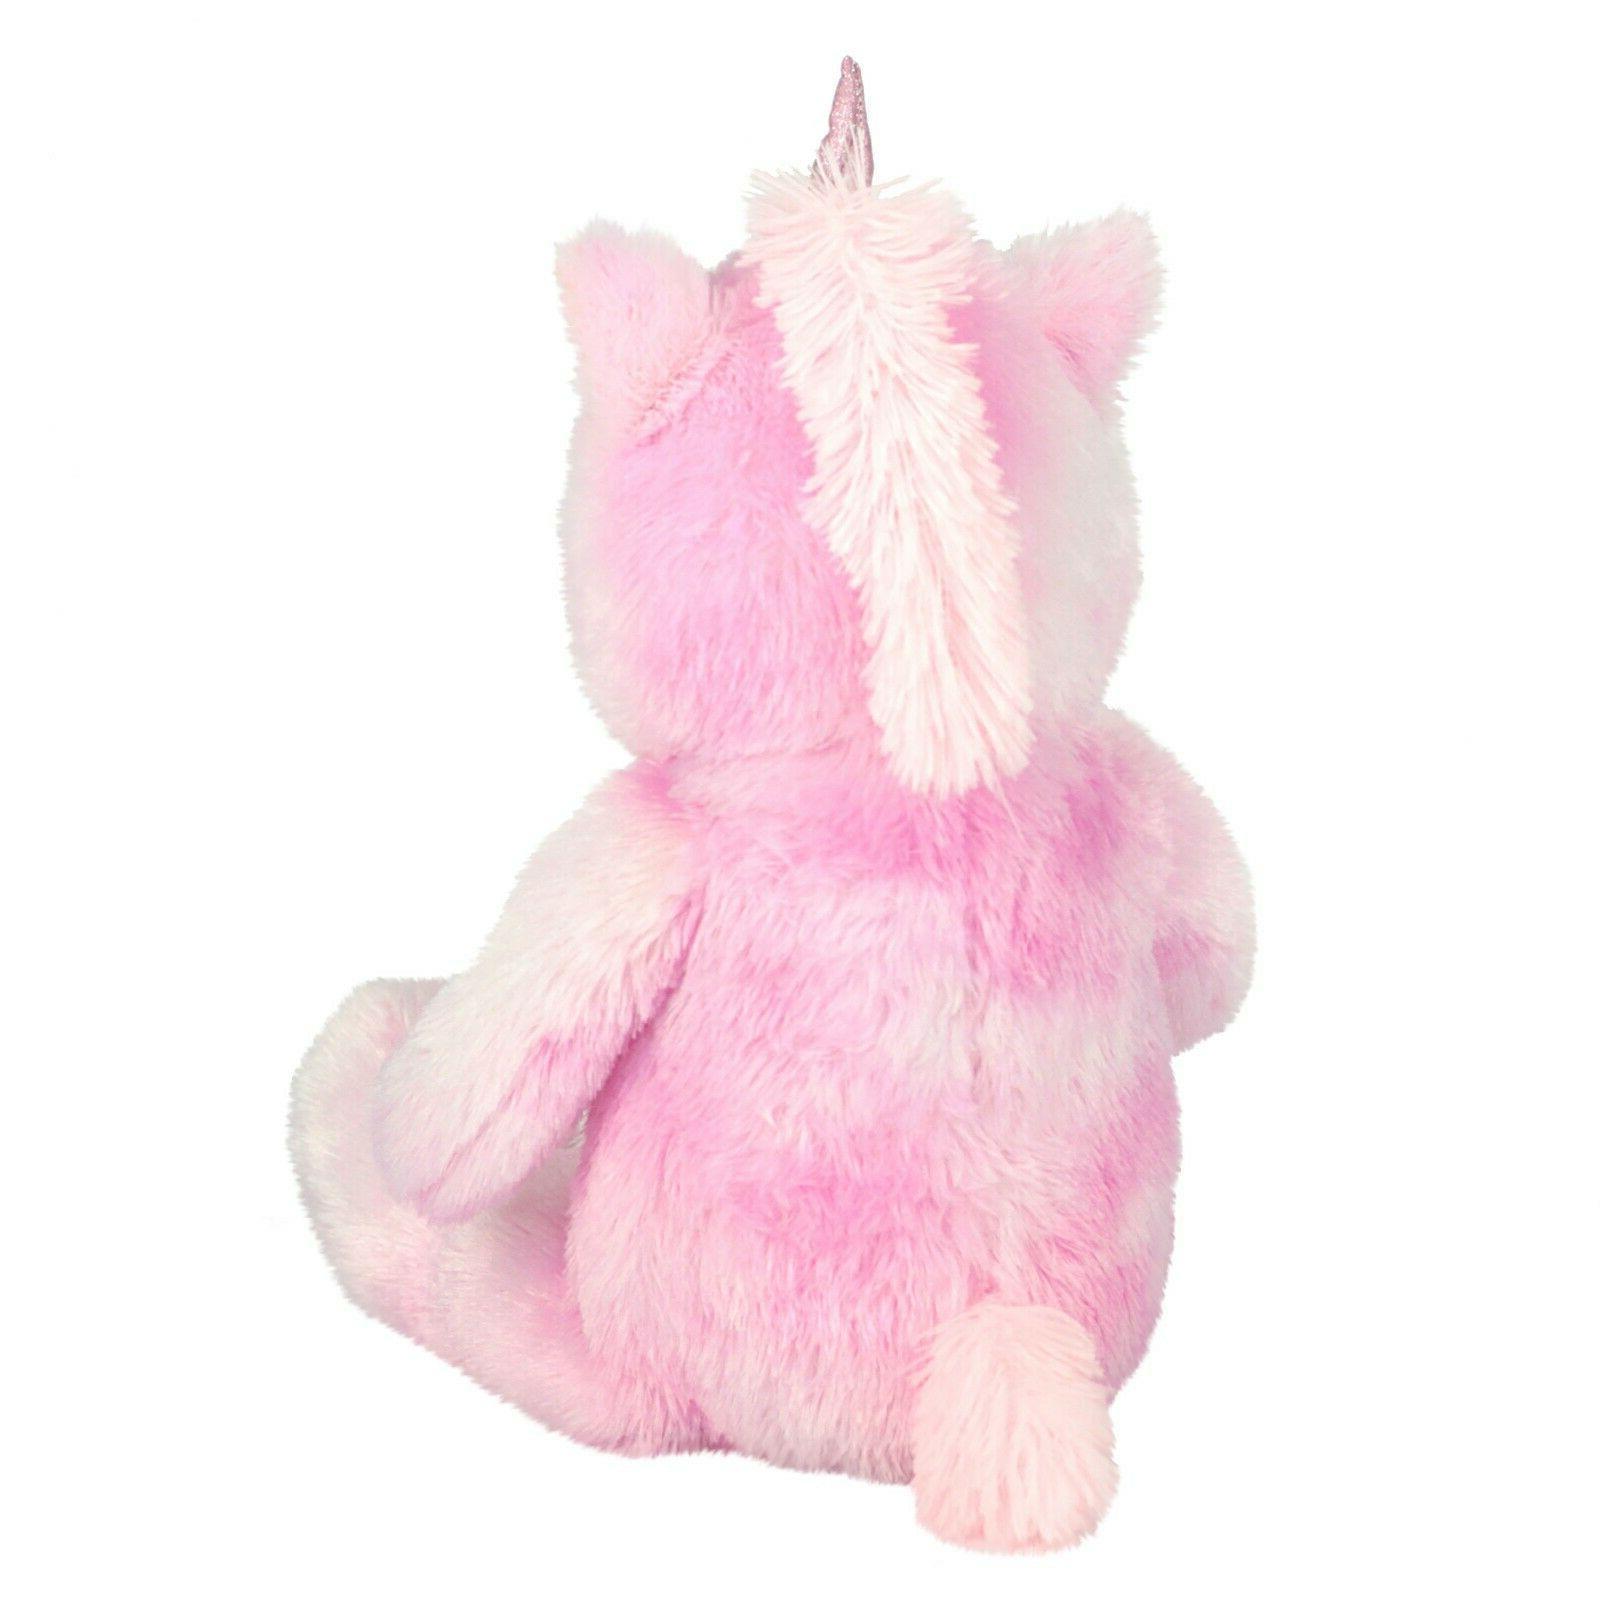 Large Unicorn Plush Animal Soft Easter